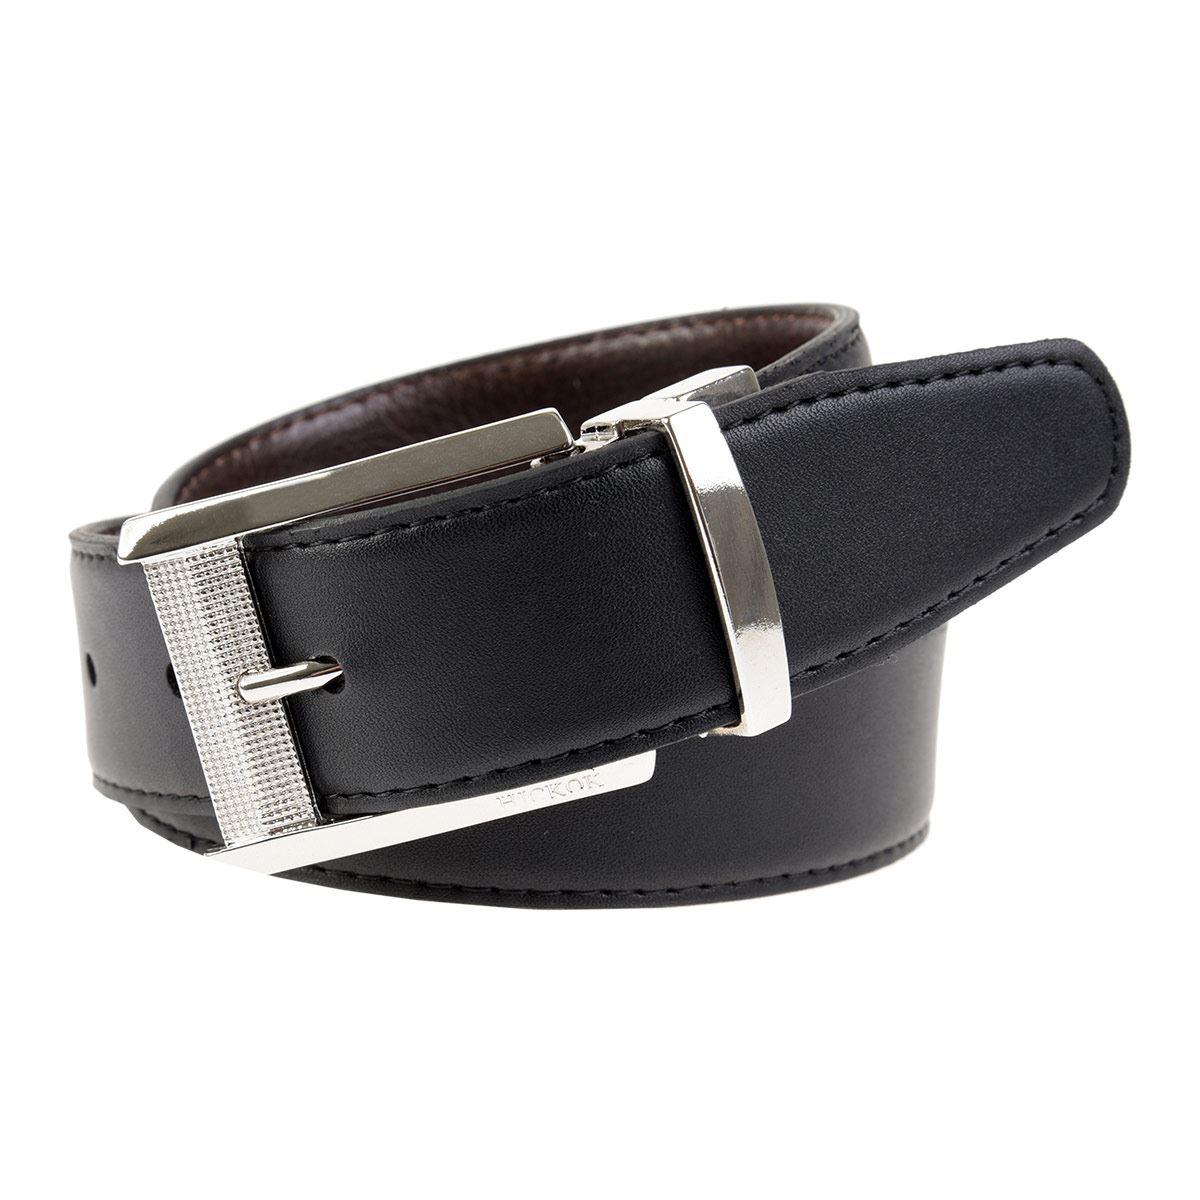 Cinturón Hickok Reversible 1116000 42-44 Para Caballero